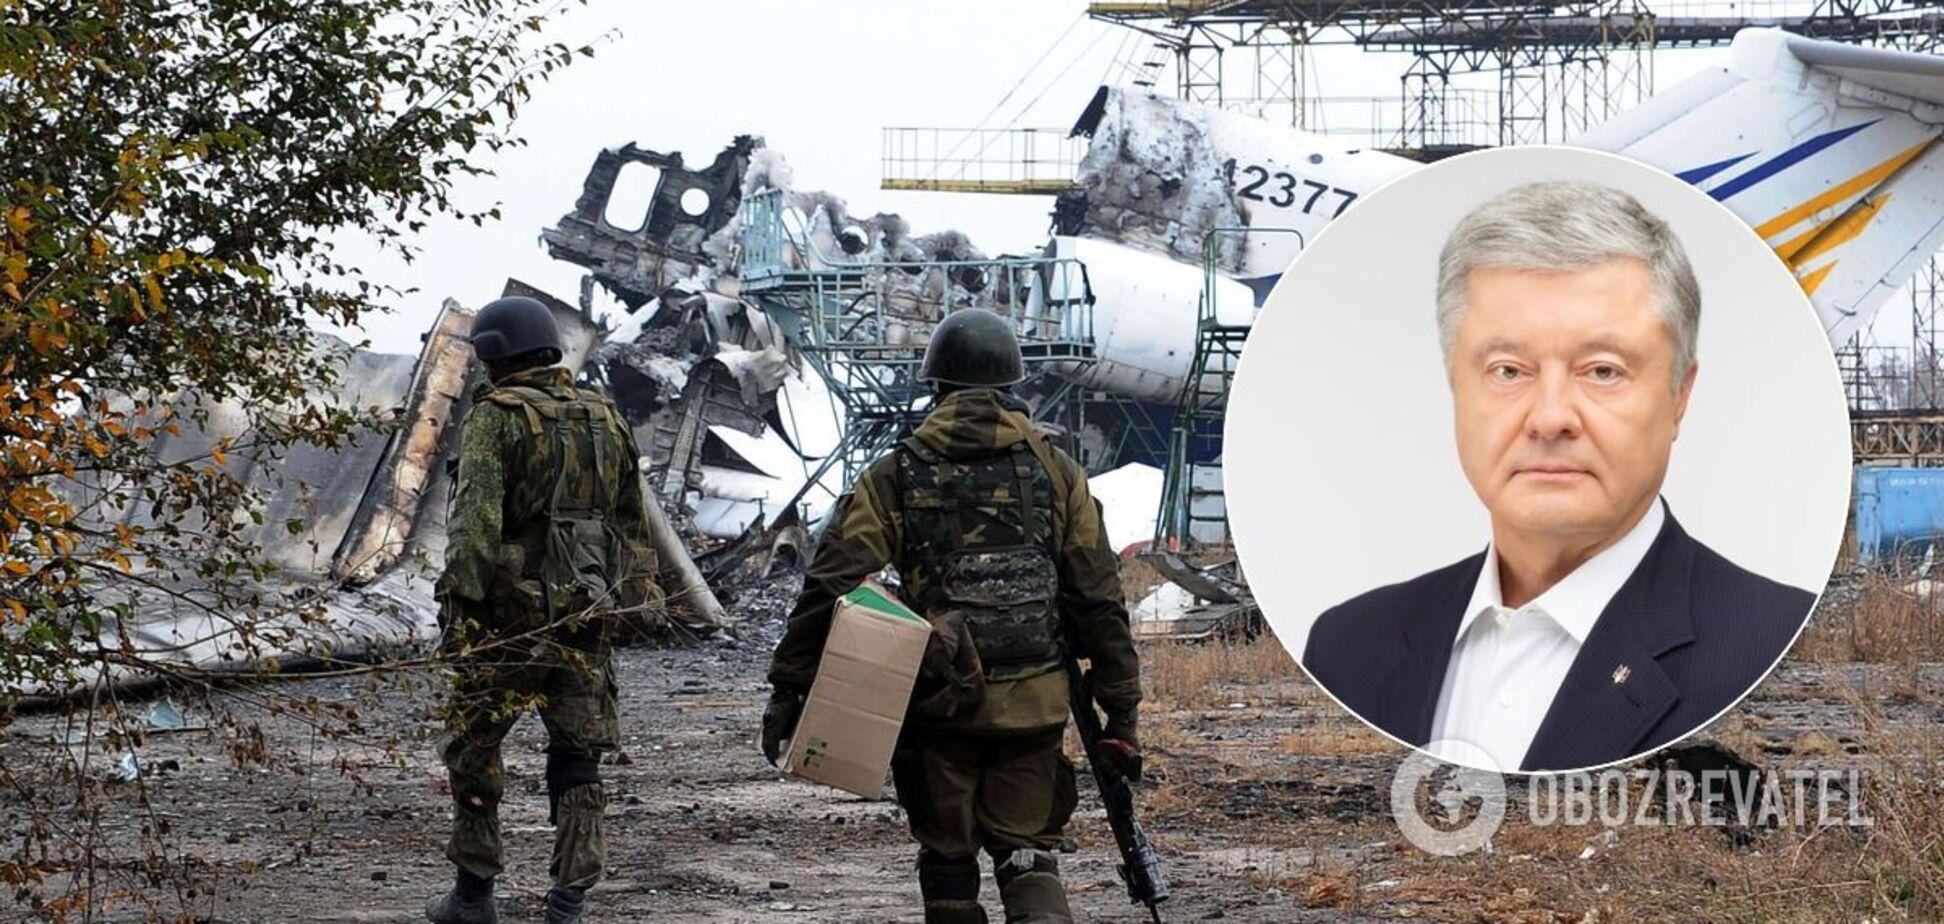 Порошенко напомнил о подвиге украинских Героев в боях за ДАП